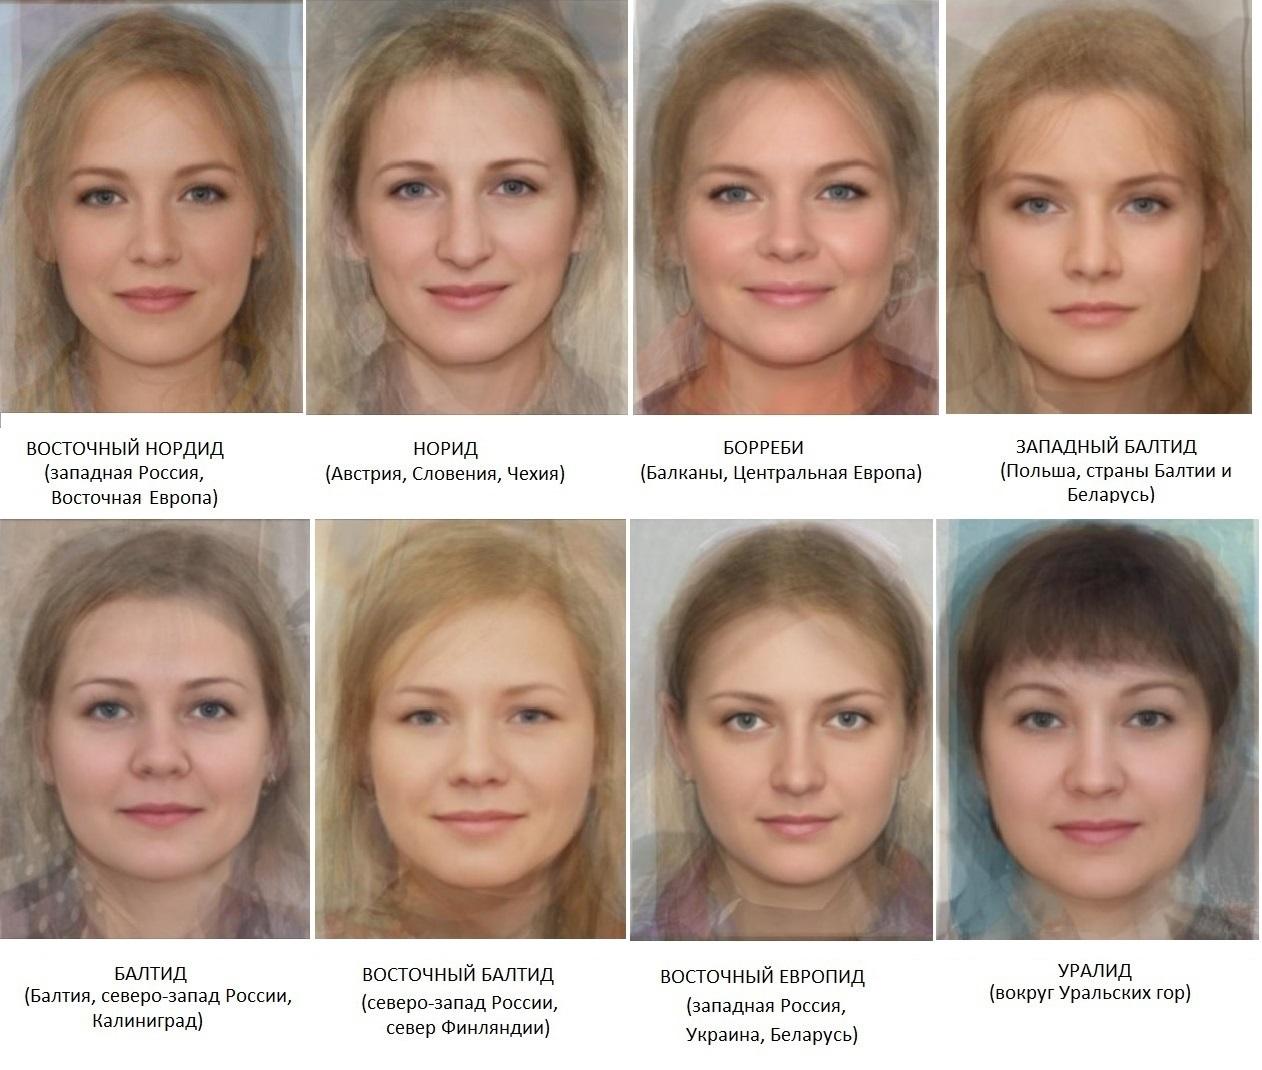 Фото женщин разных национальностей 29 фотография